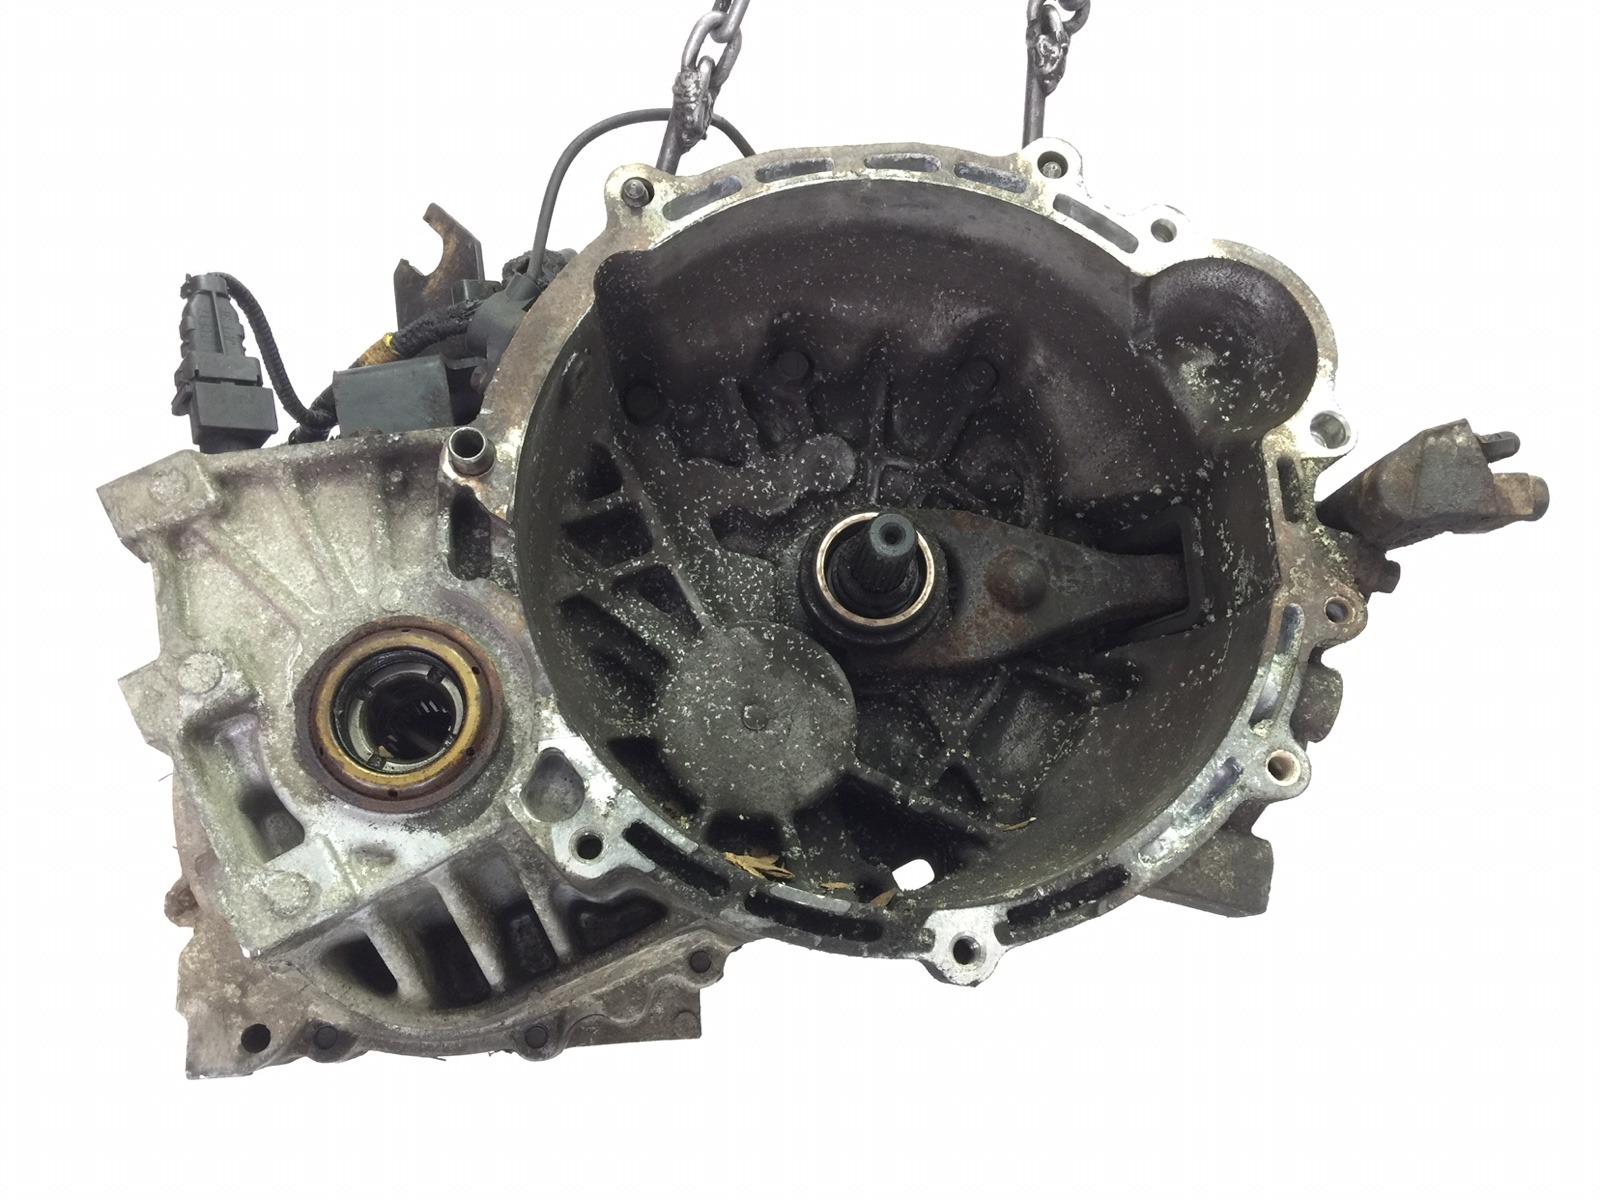 Кпп механическая (мкпп) Kia Cerato 1.5 CRDI 2006 (б/у)